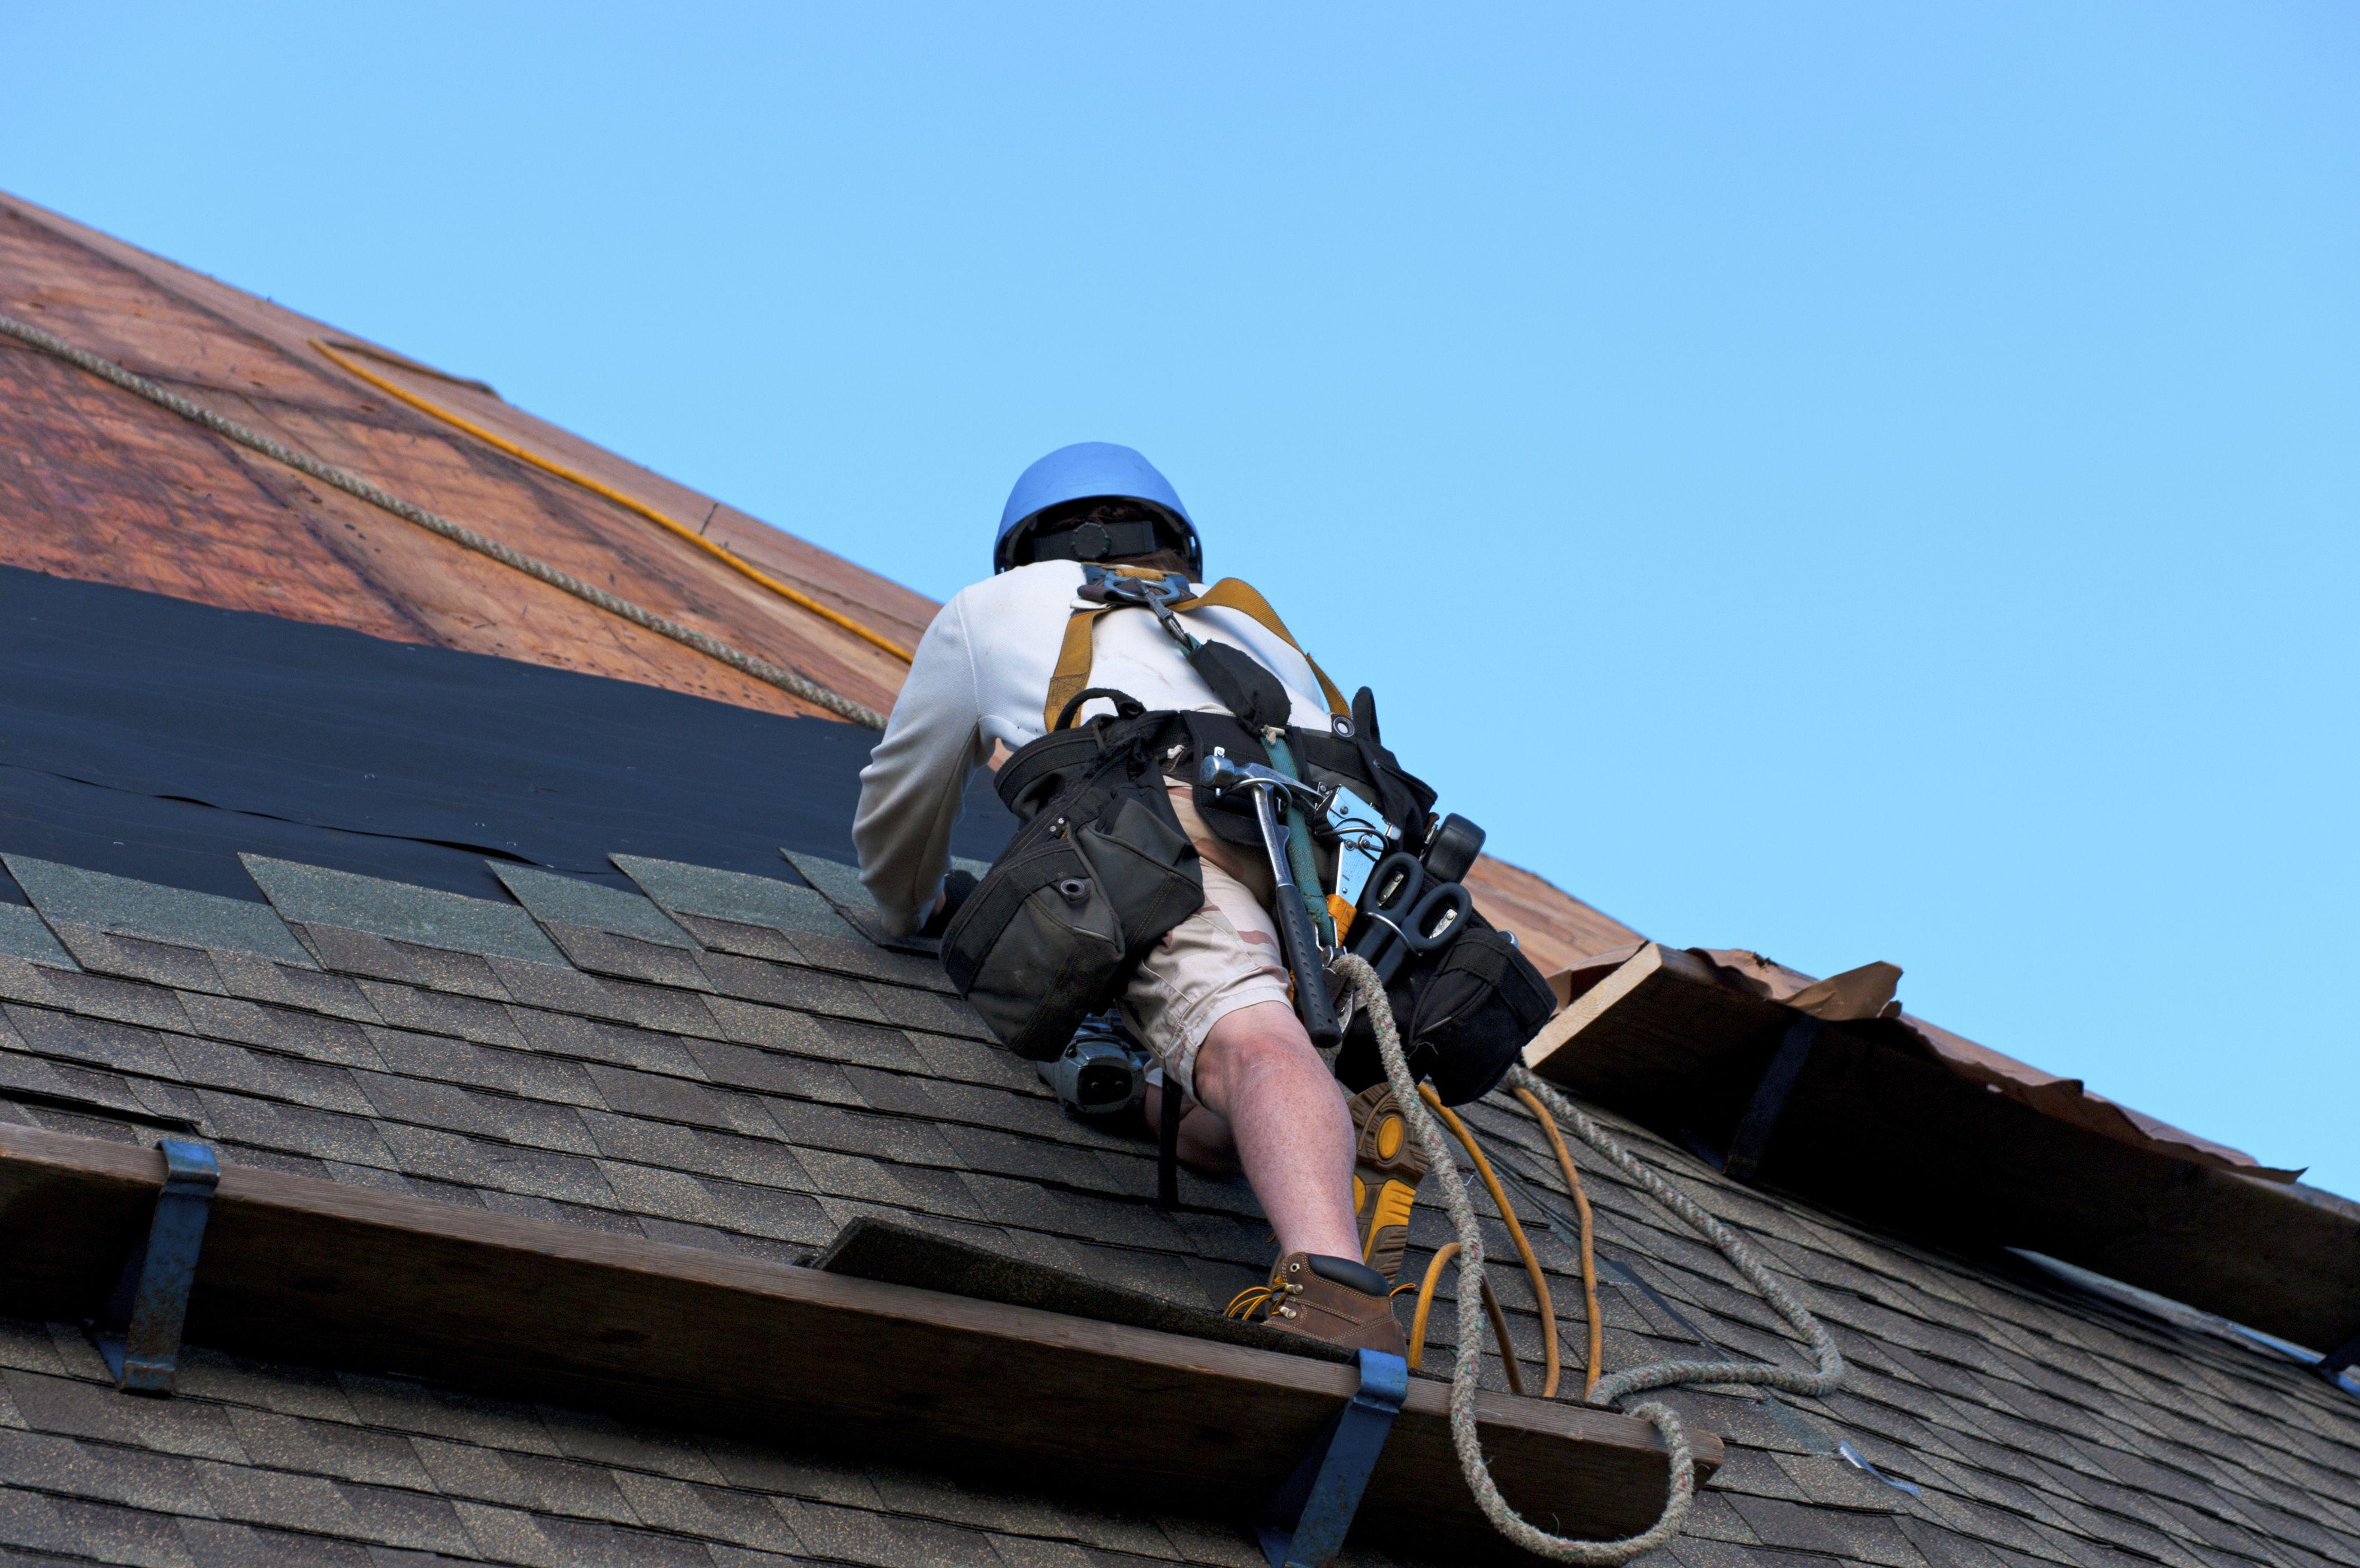 Rehabilitación de fachadas y tejados: Nuestros servicios de Rehabilitaciones Ibai